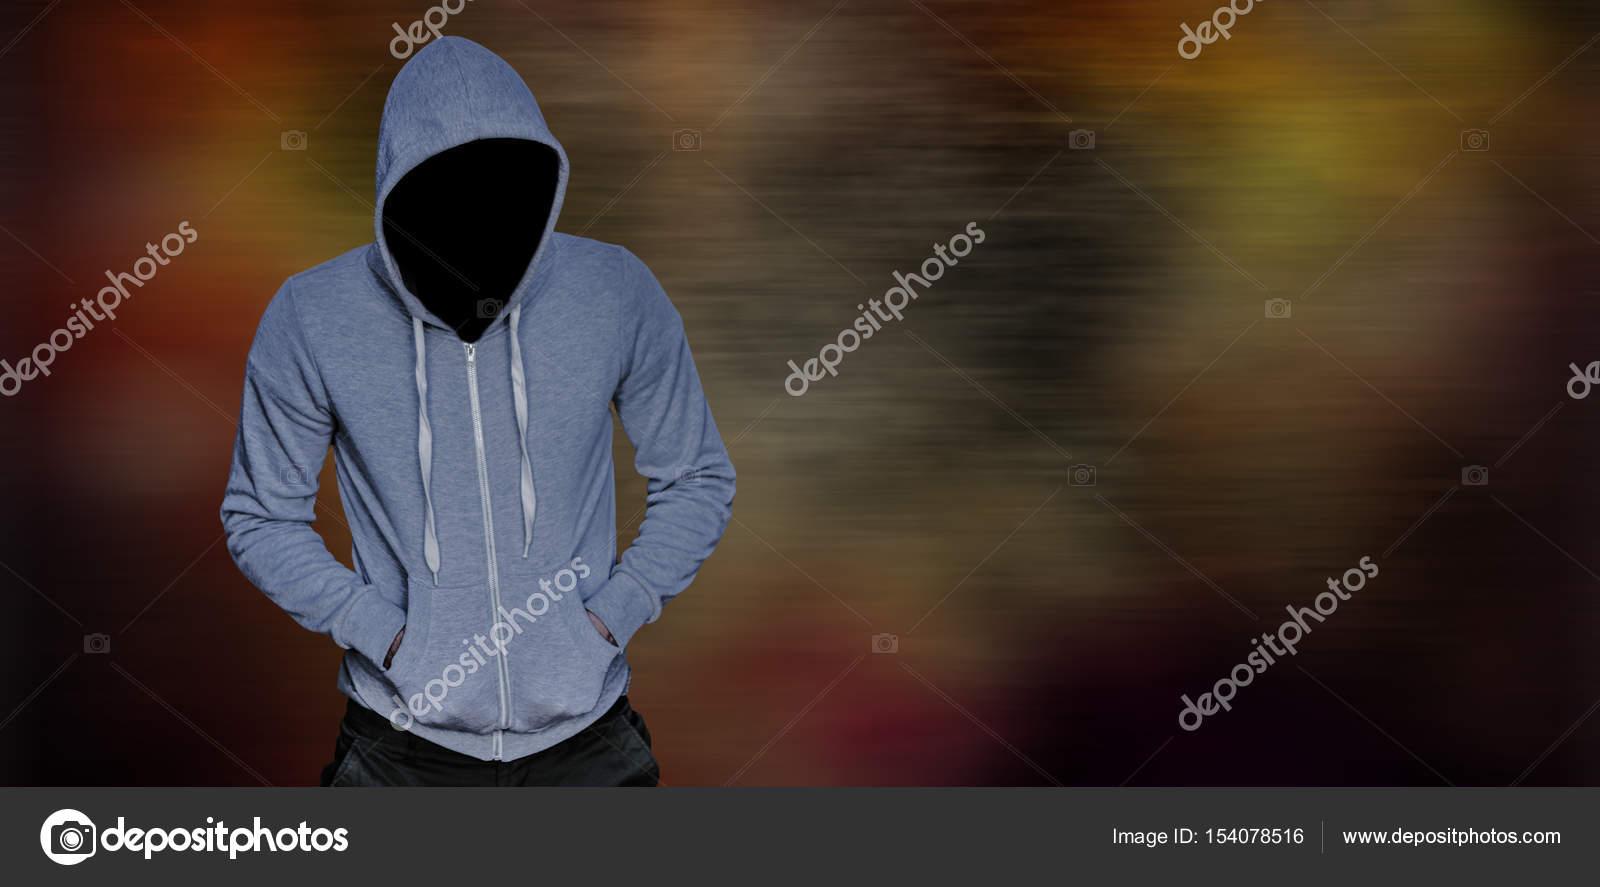 00e13b4f8d63 Ληστής σε γκρι φούτερ με κουκούλα με τα χέρια στις τσέπες — Φωτογραφία  Αρχείου